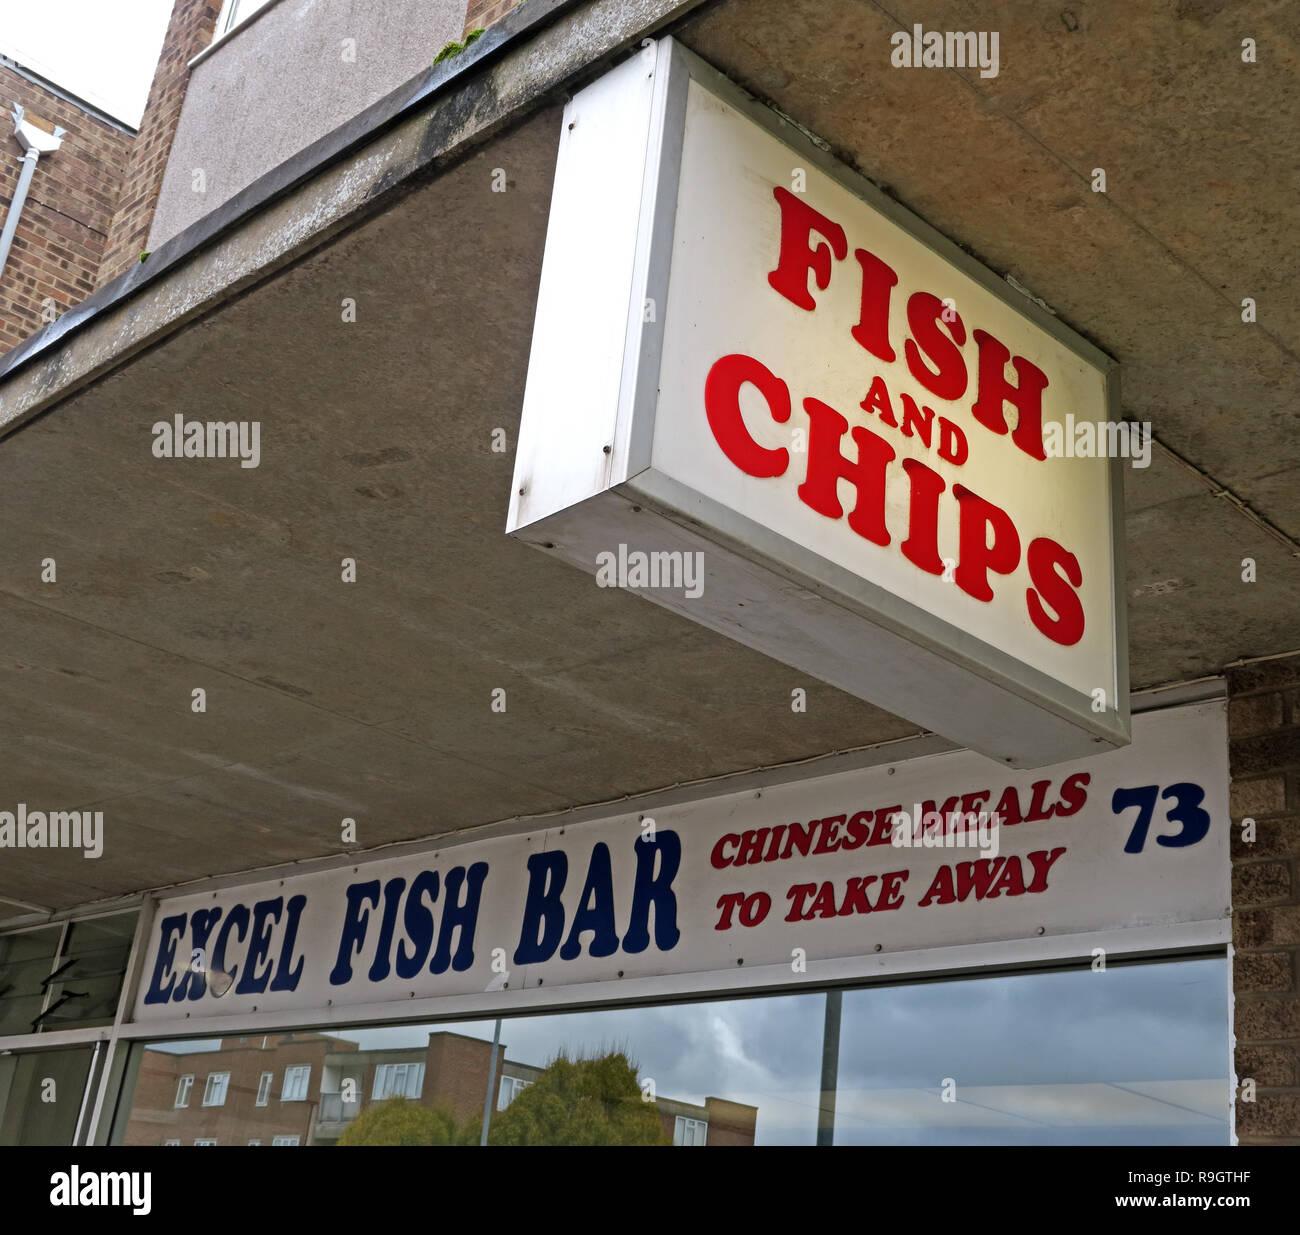 Laden Sie dieses Alamy Stockfoto Excel Fisch Bar, 73 West Street, Bridgwater, Somerset, South West England, UK, TA6 3RH - Arbeitsblatt Abendmahl bar und Fast Food - R9GTHF